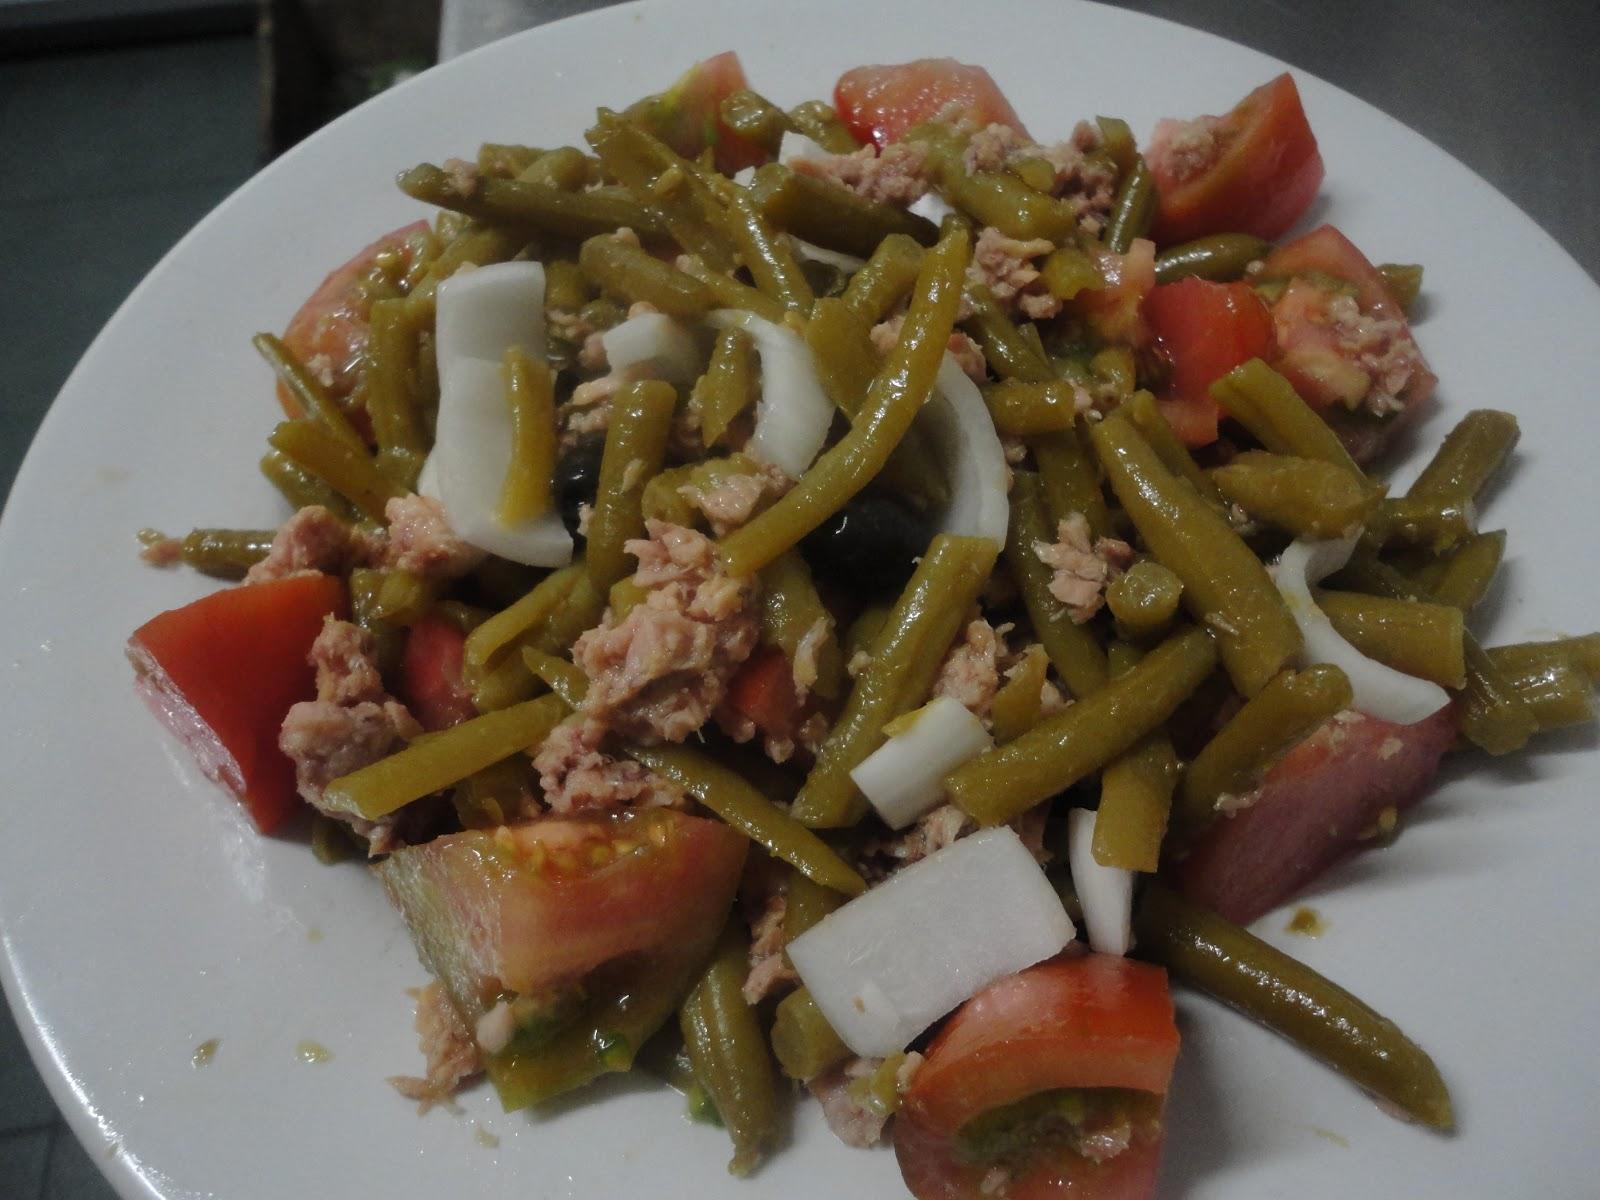 La cocina de pepa ensalada de jud as verdes con at n - Ensalada de judias verdes arguinano ...